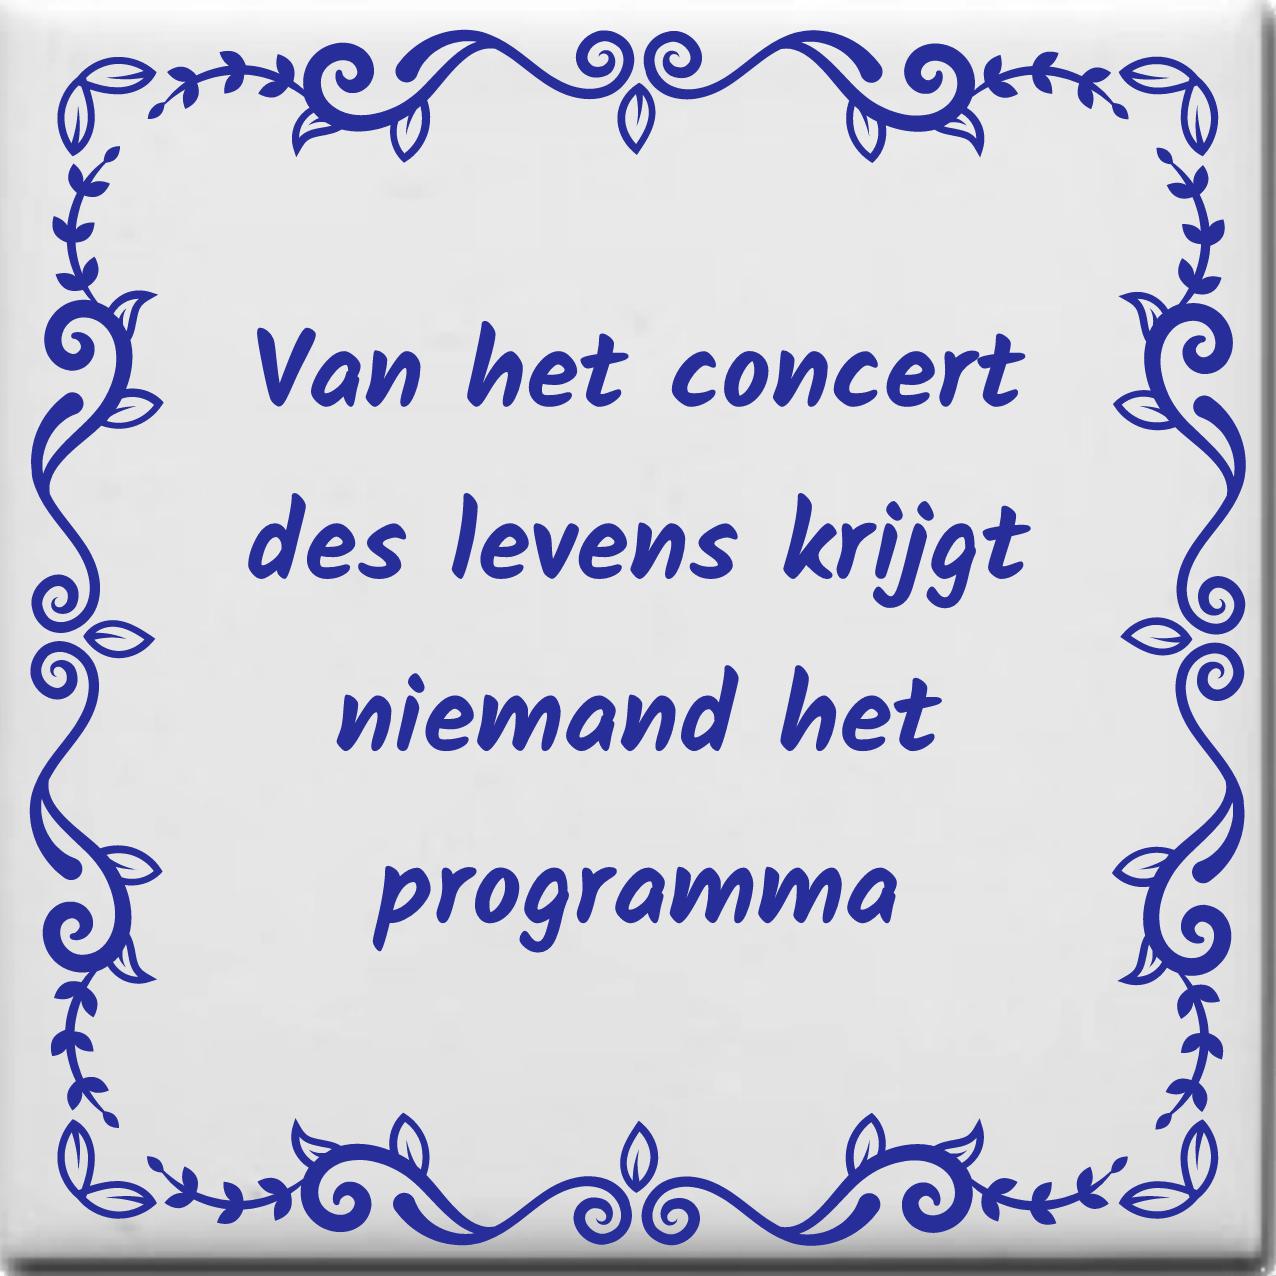 Wijsheden Tegeltje Met Spreuk Over Levensspreuken Van Het Concert Des Levens Krijgt Niemand Het Programma